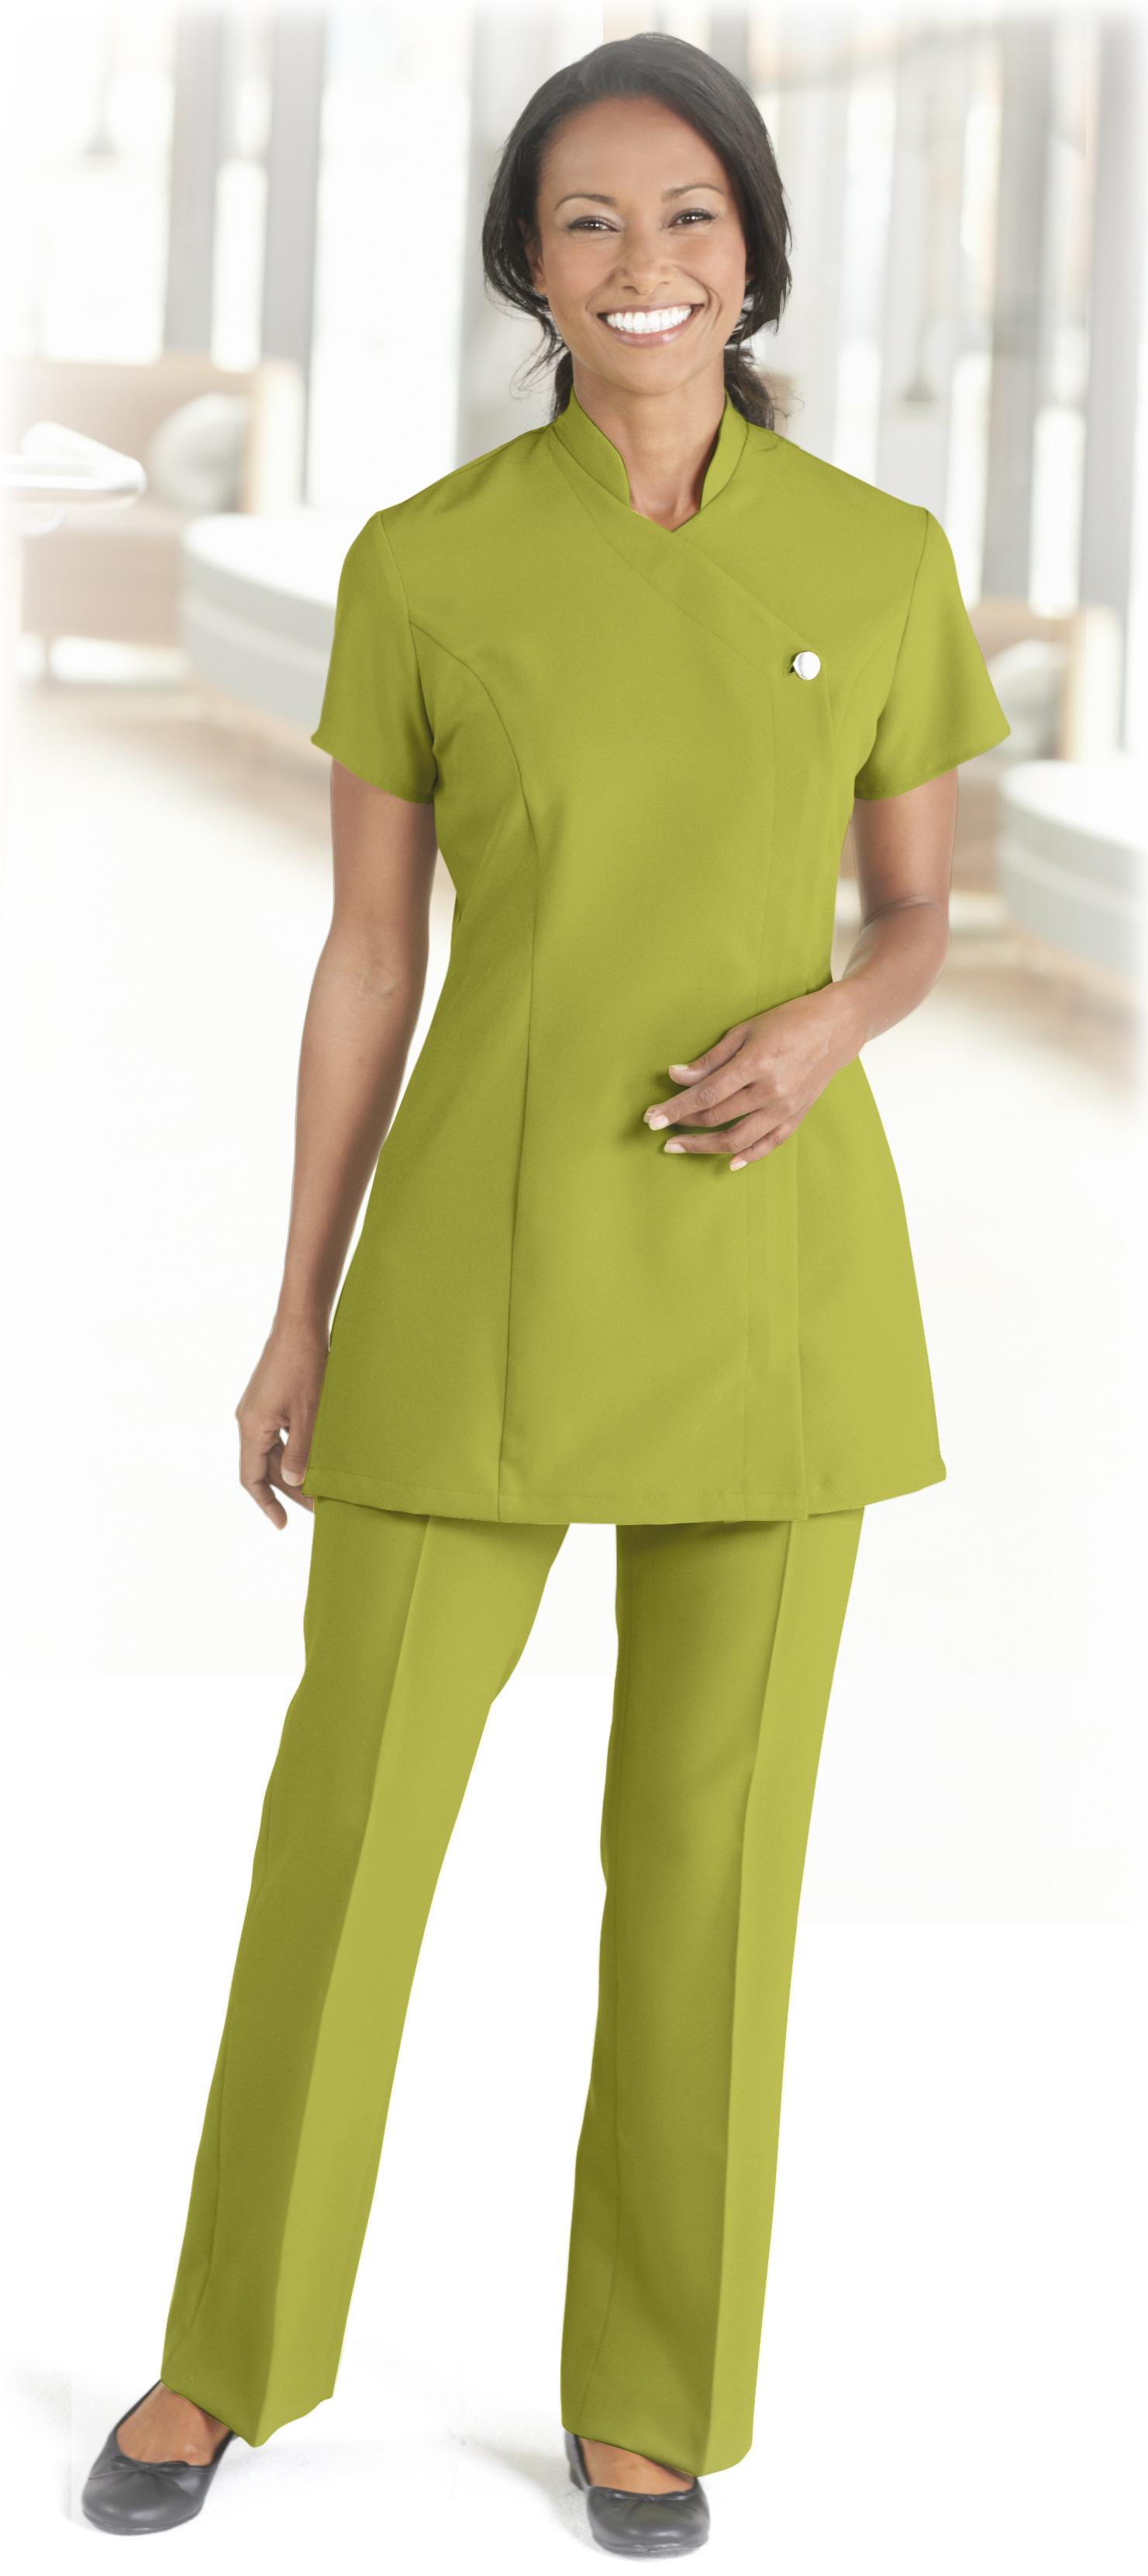 Simon jersey ladies button zip beauty salon beautician for Spa ladies uniform